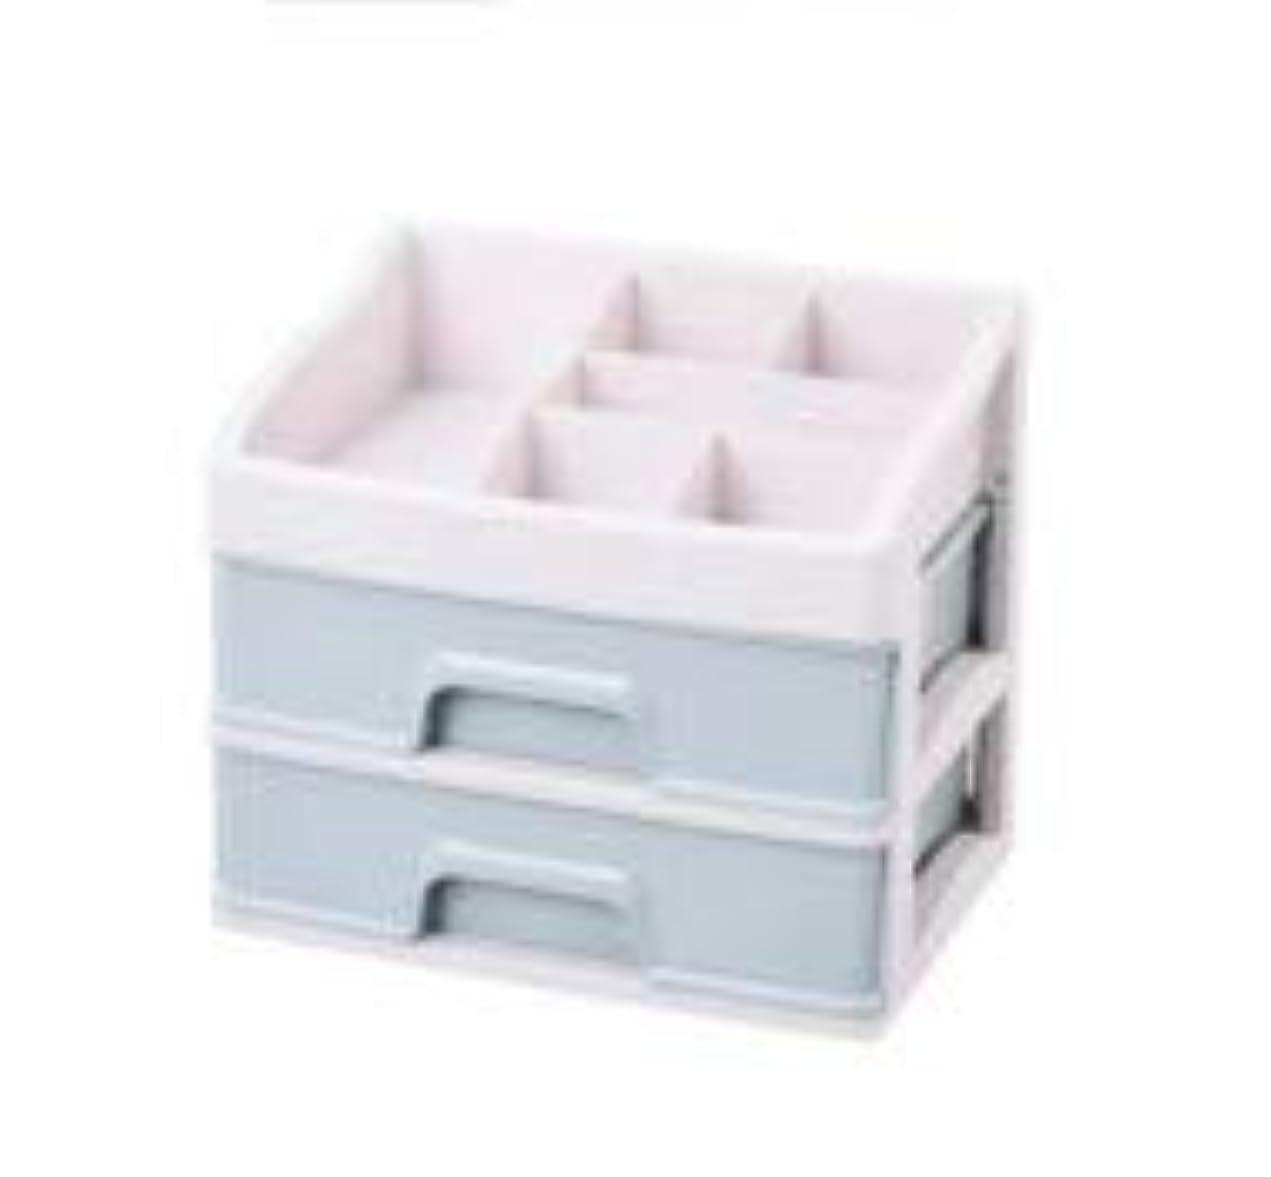 電卓トレイルのど化粧品収納ボックス引き出しデスクトップ収納ラック化粧台化粧品ケーススキンケア製品 (Size : M)